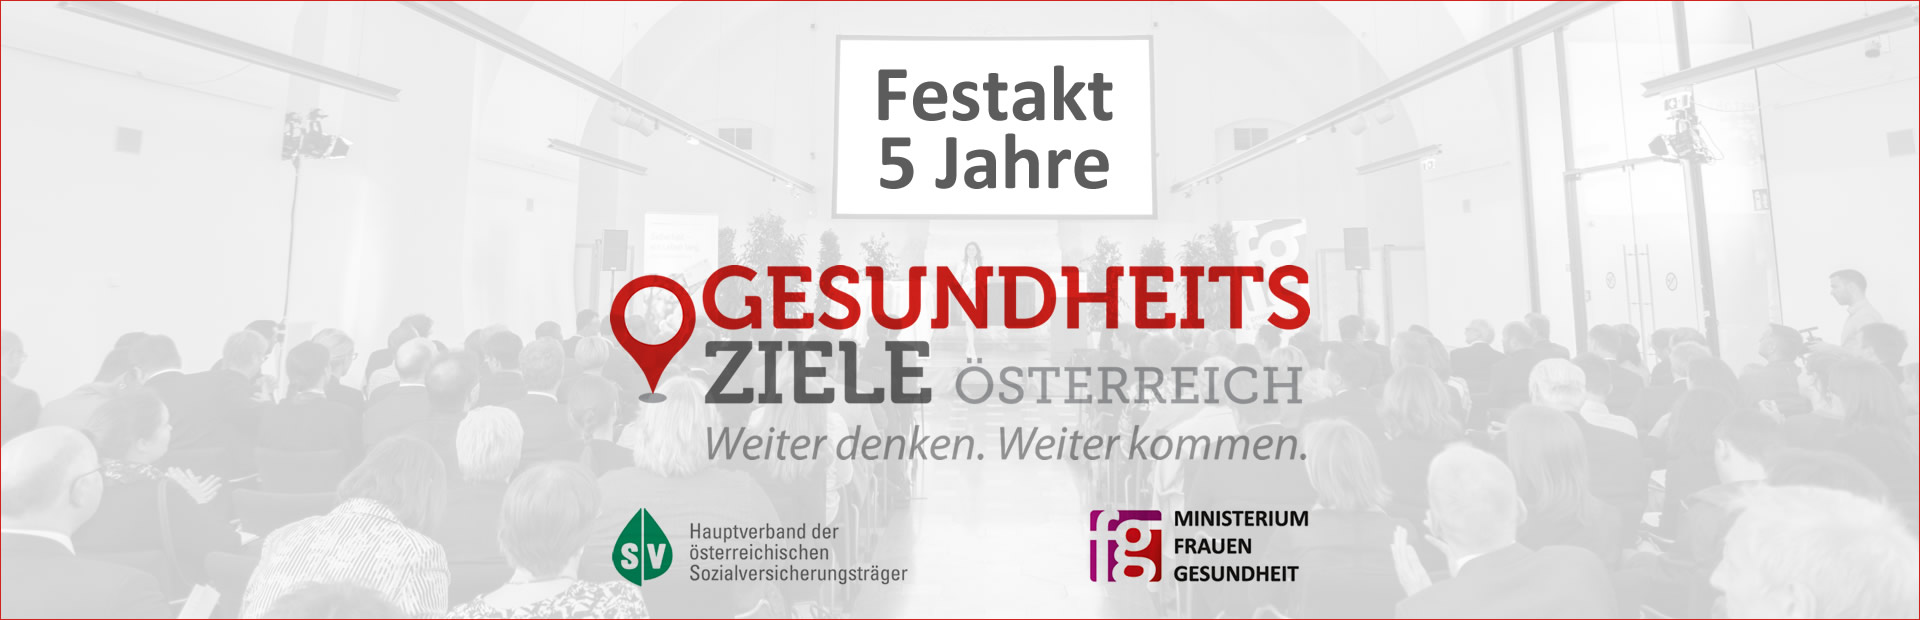 Headerbild Festakt 5 Jahre Gesundheitsziele Oesterreich